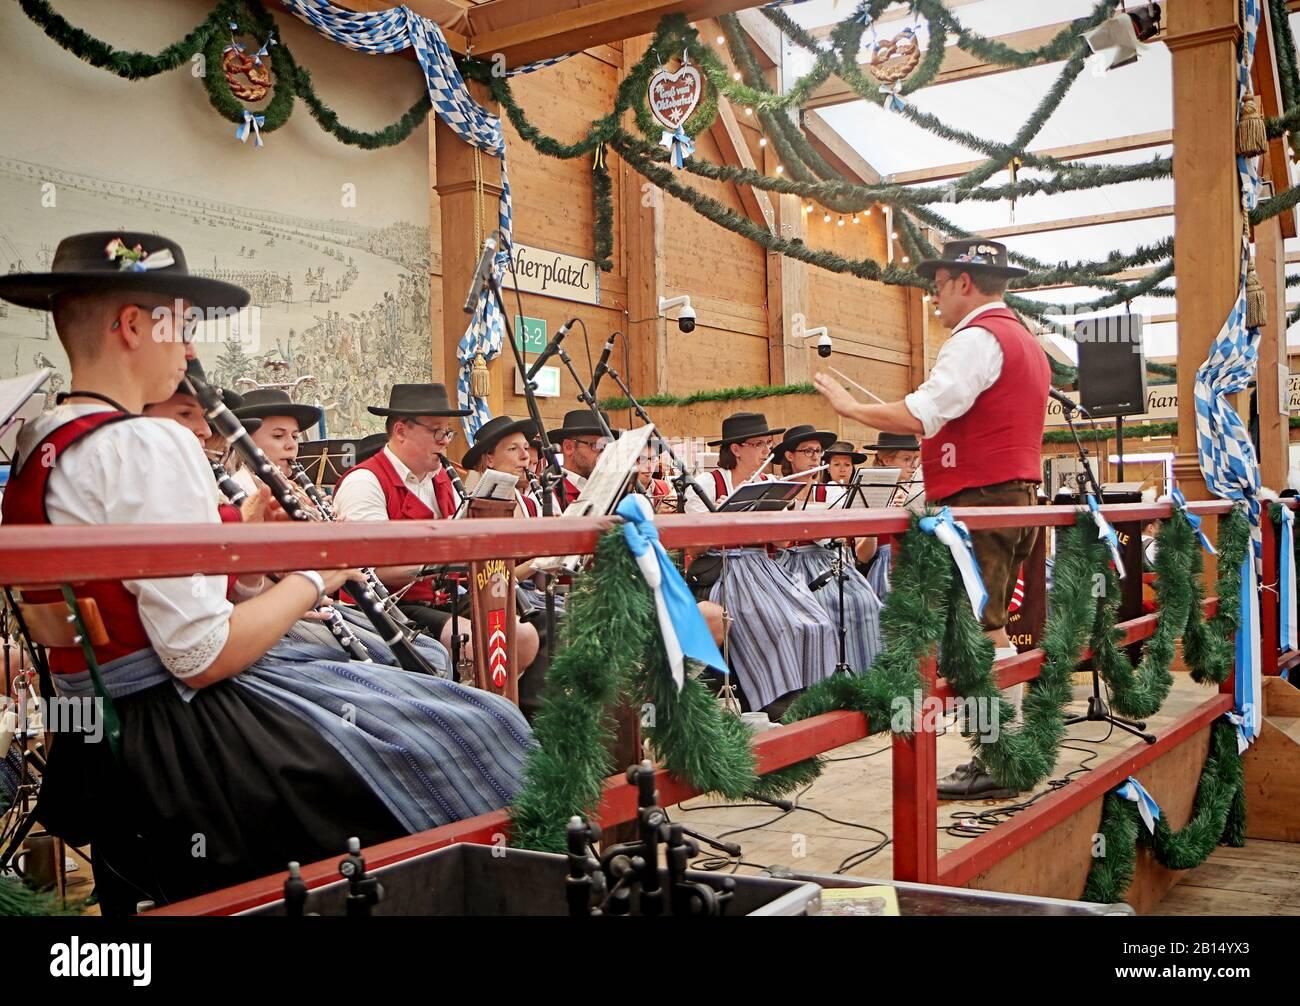 München, DEUTSCHLAND - 1. OKTOBER 2019 B und traditionelle Musik in bayrischer Tracht in einem Bierzelt von Oide Wiesn historischer Teil des Oktoberfests Stockfoto